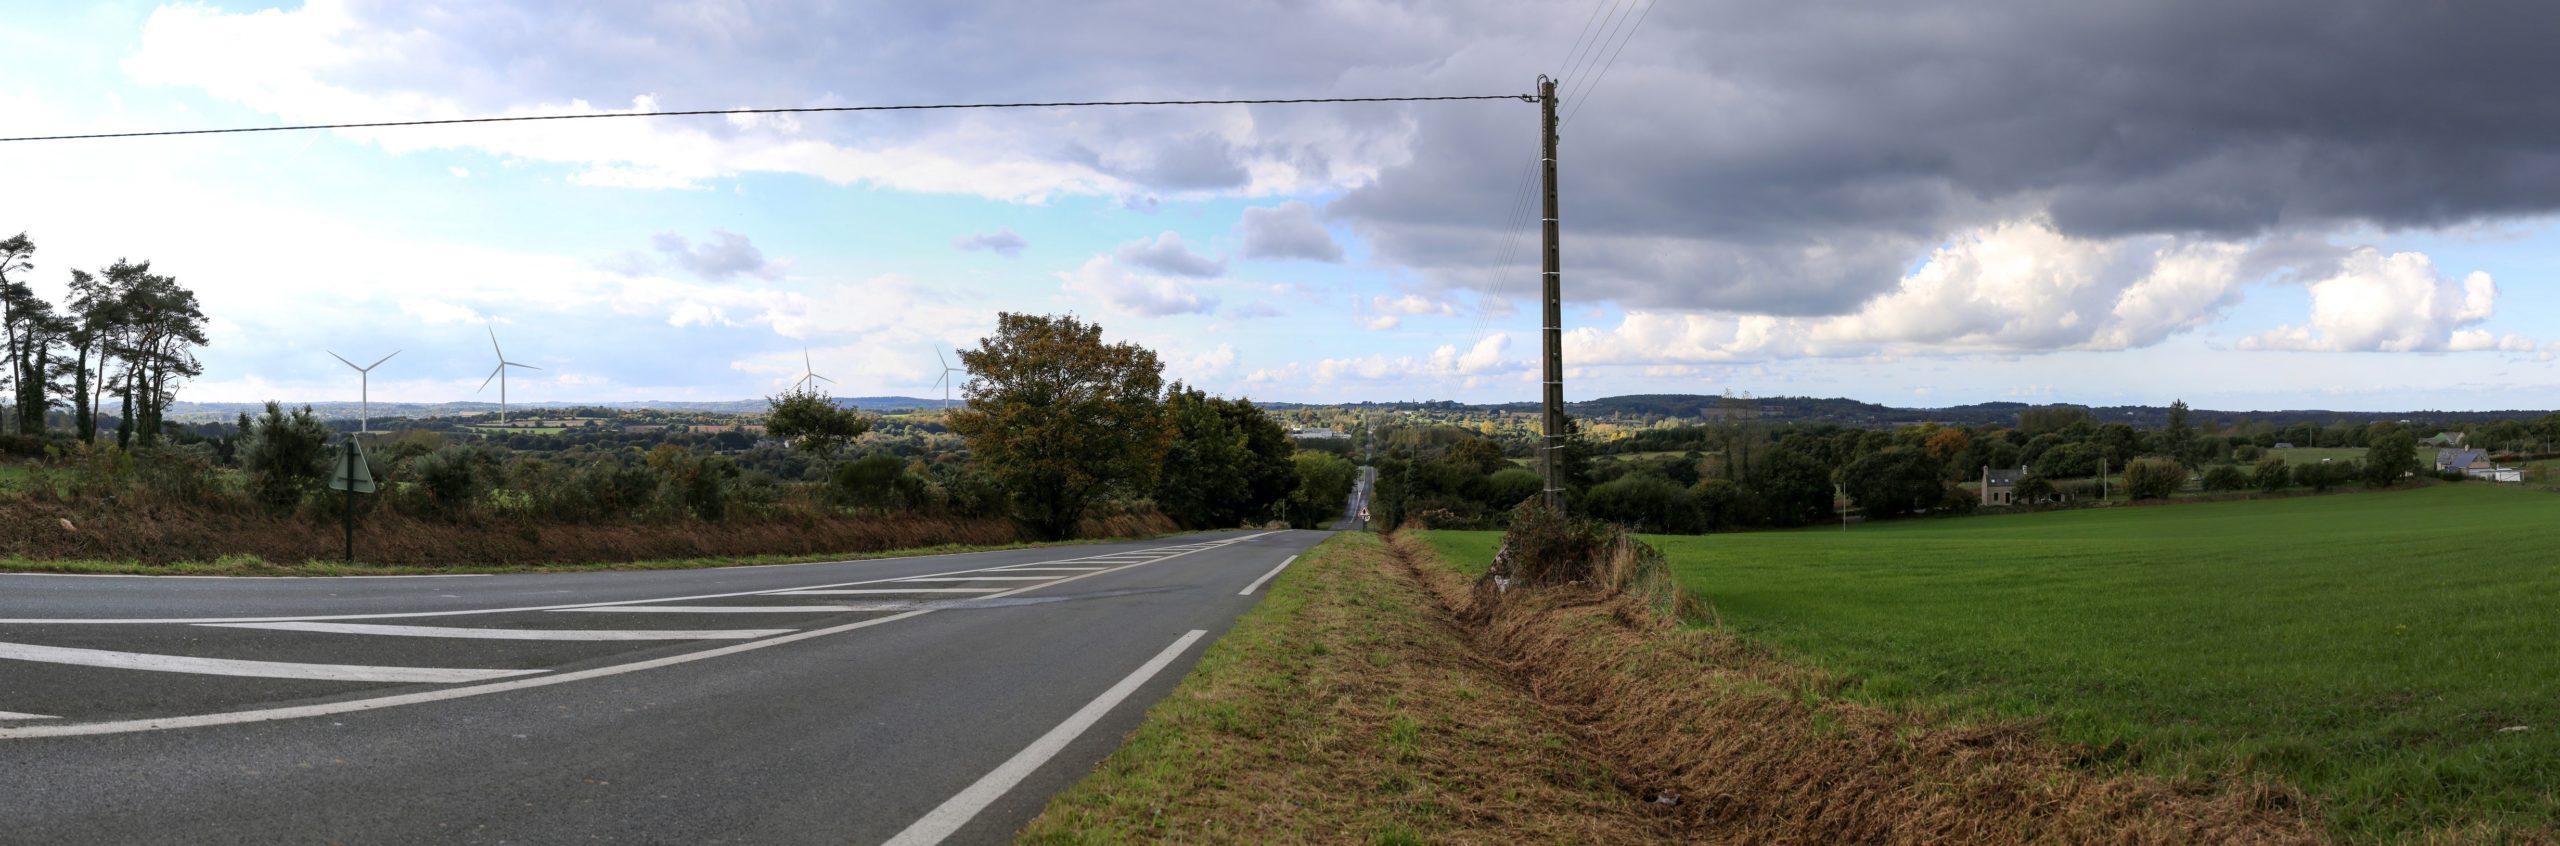 Parc éolien de Plounérin et Plounévez-Moëdec